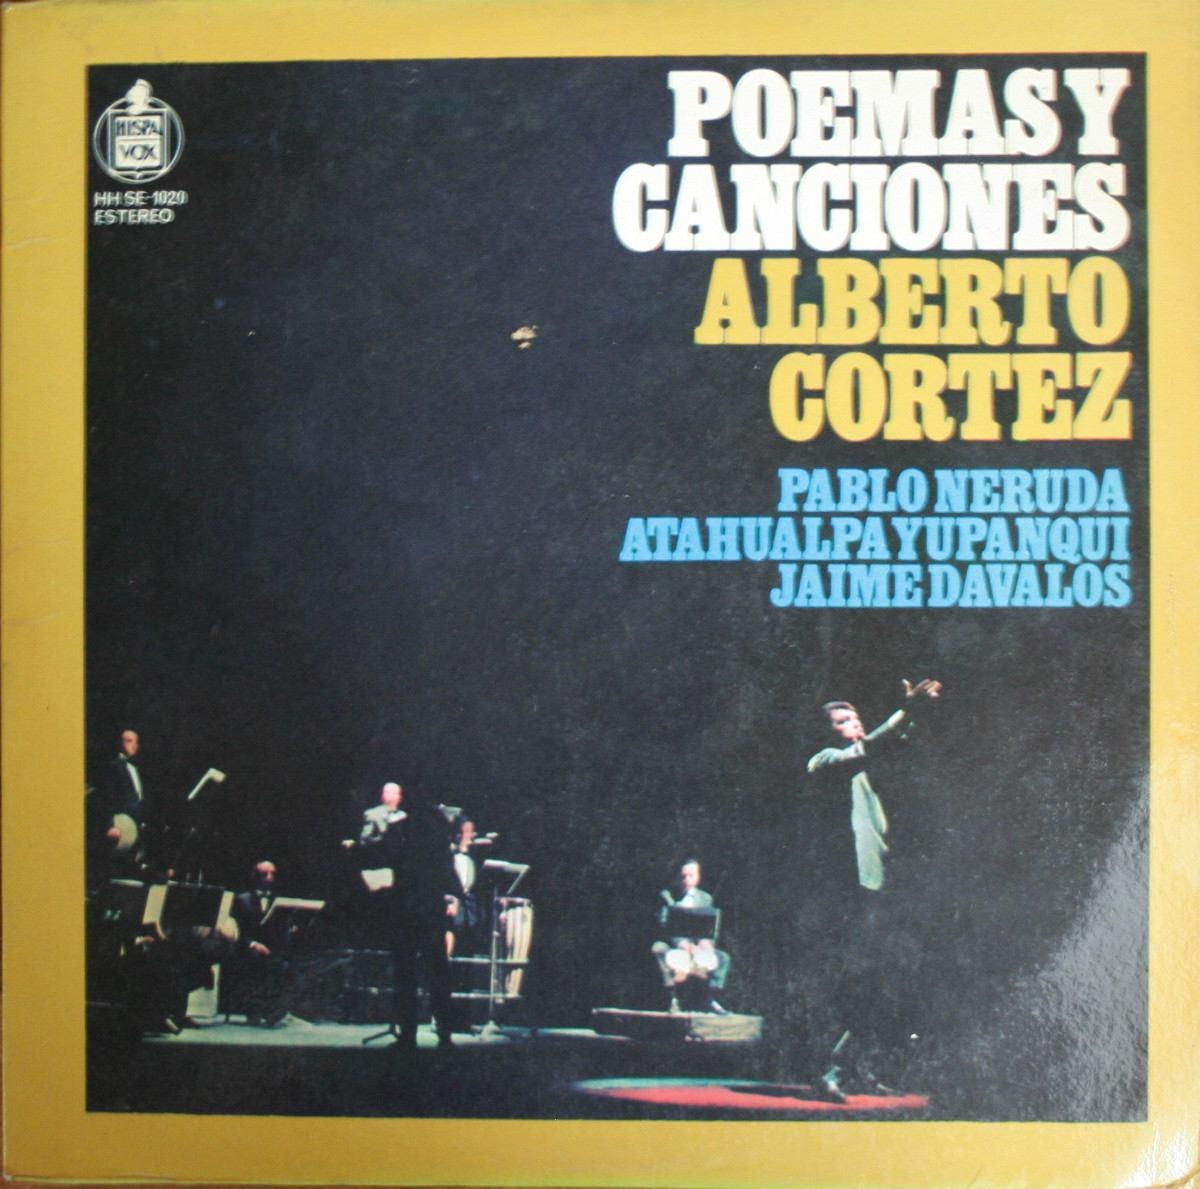 Resultado de imagen de Poemas y Canciones (1967) alberto cortez play list